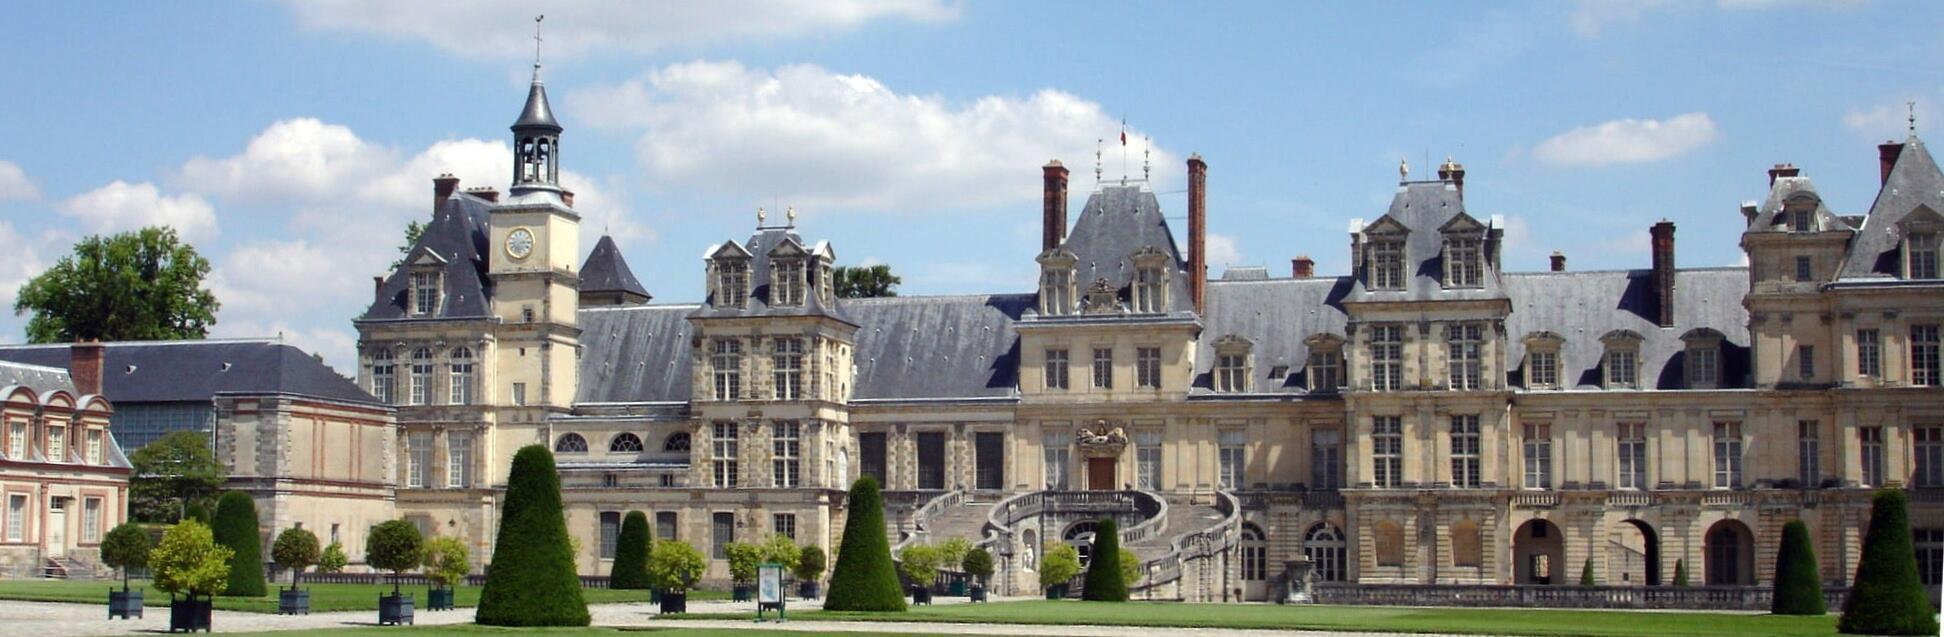 The Chateau de Fontainebleau